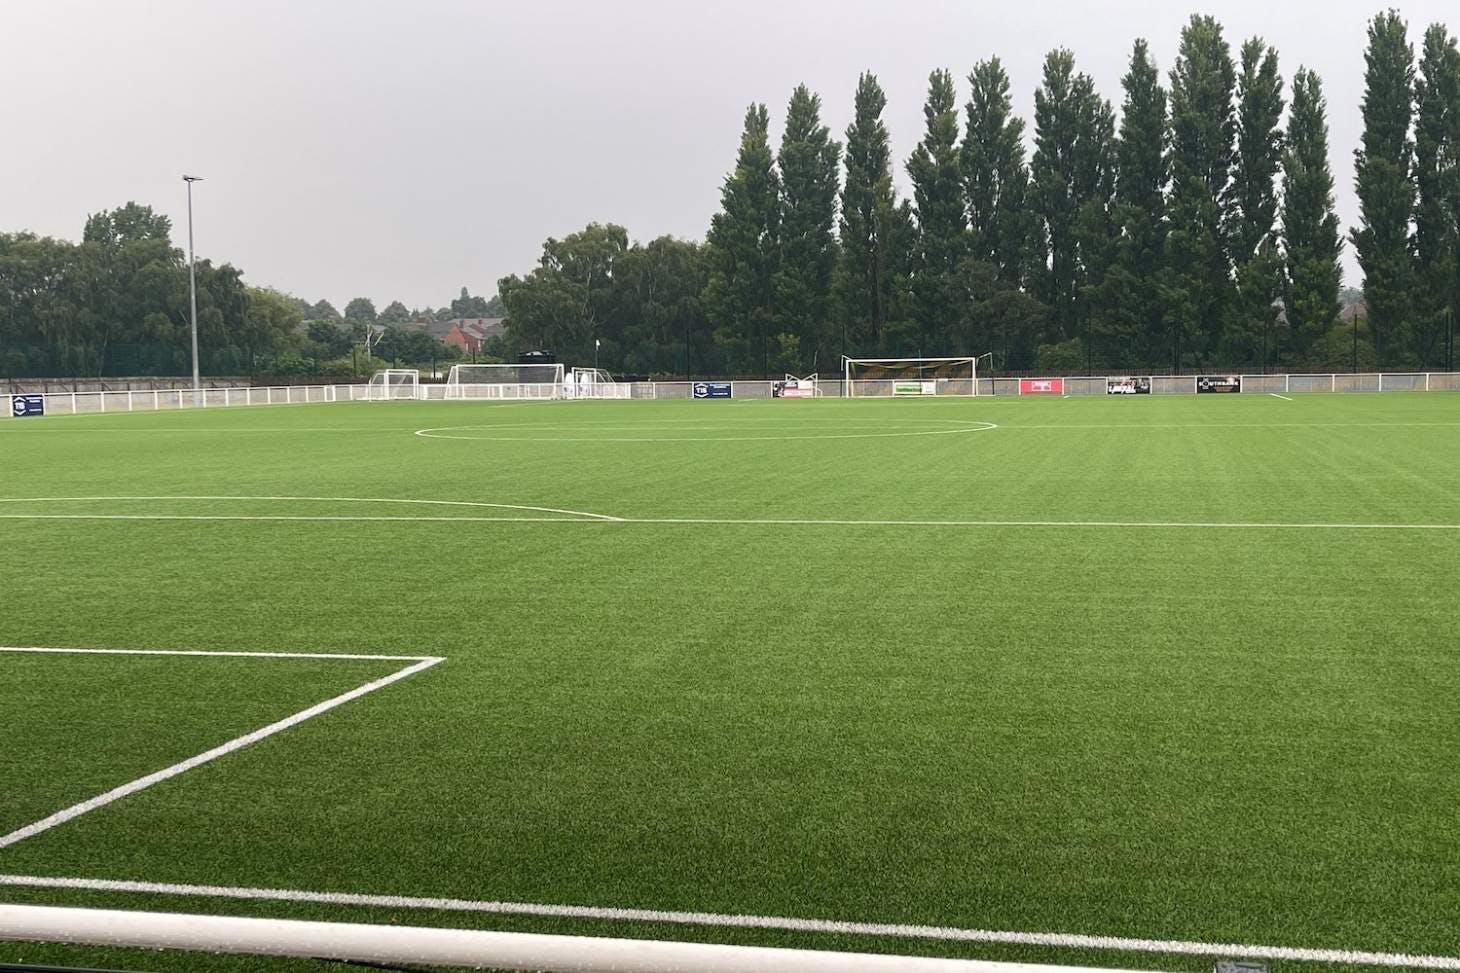 Basford United Football Club 11 a side   3G Astroturf football pitch